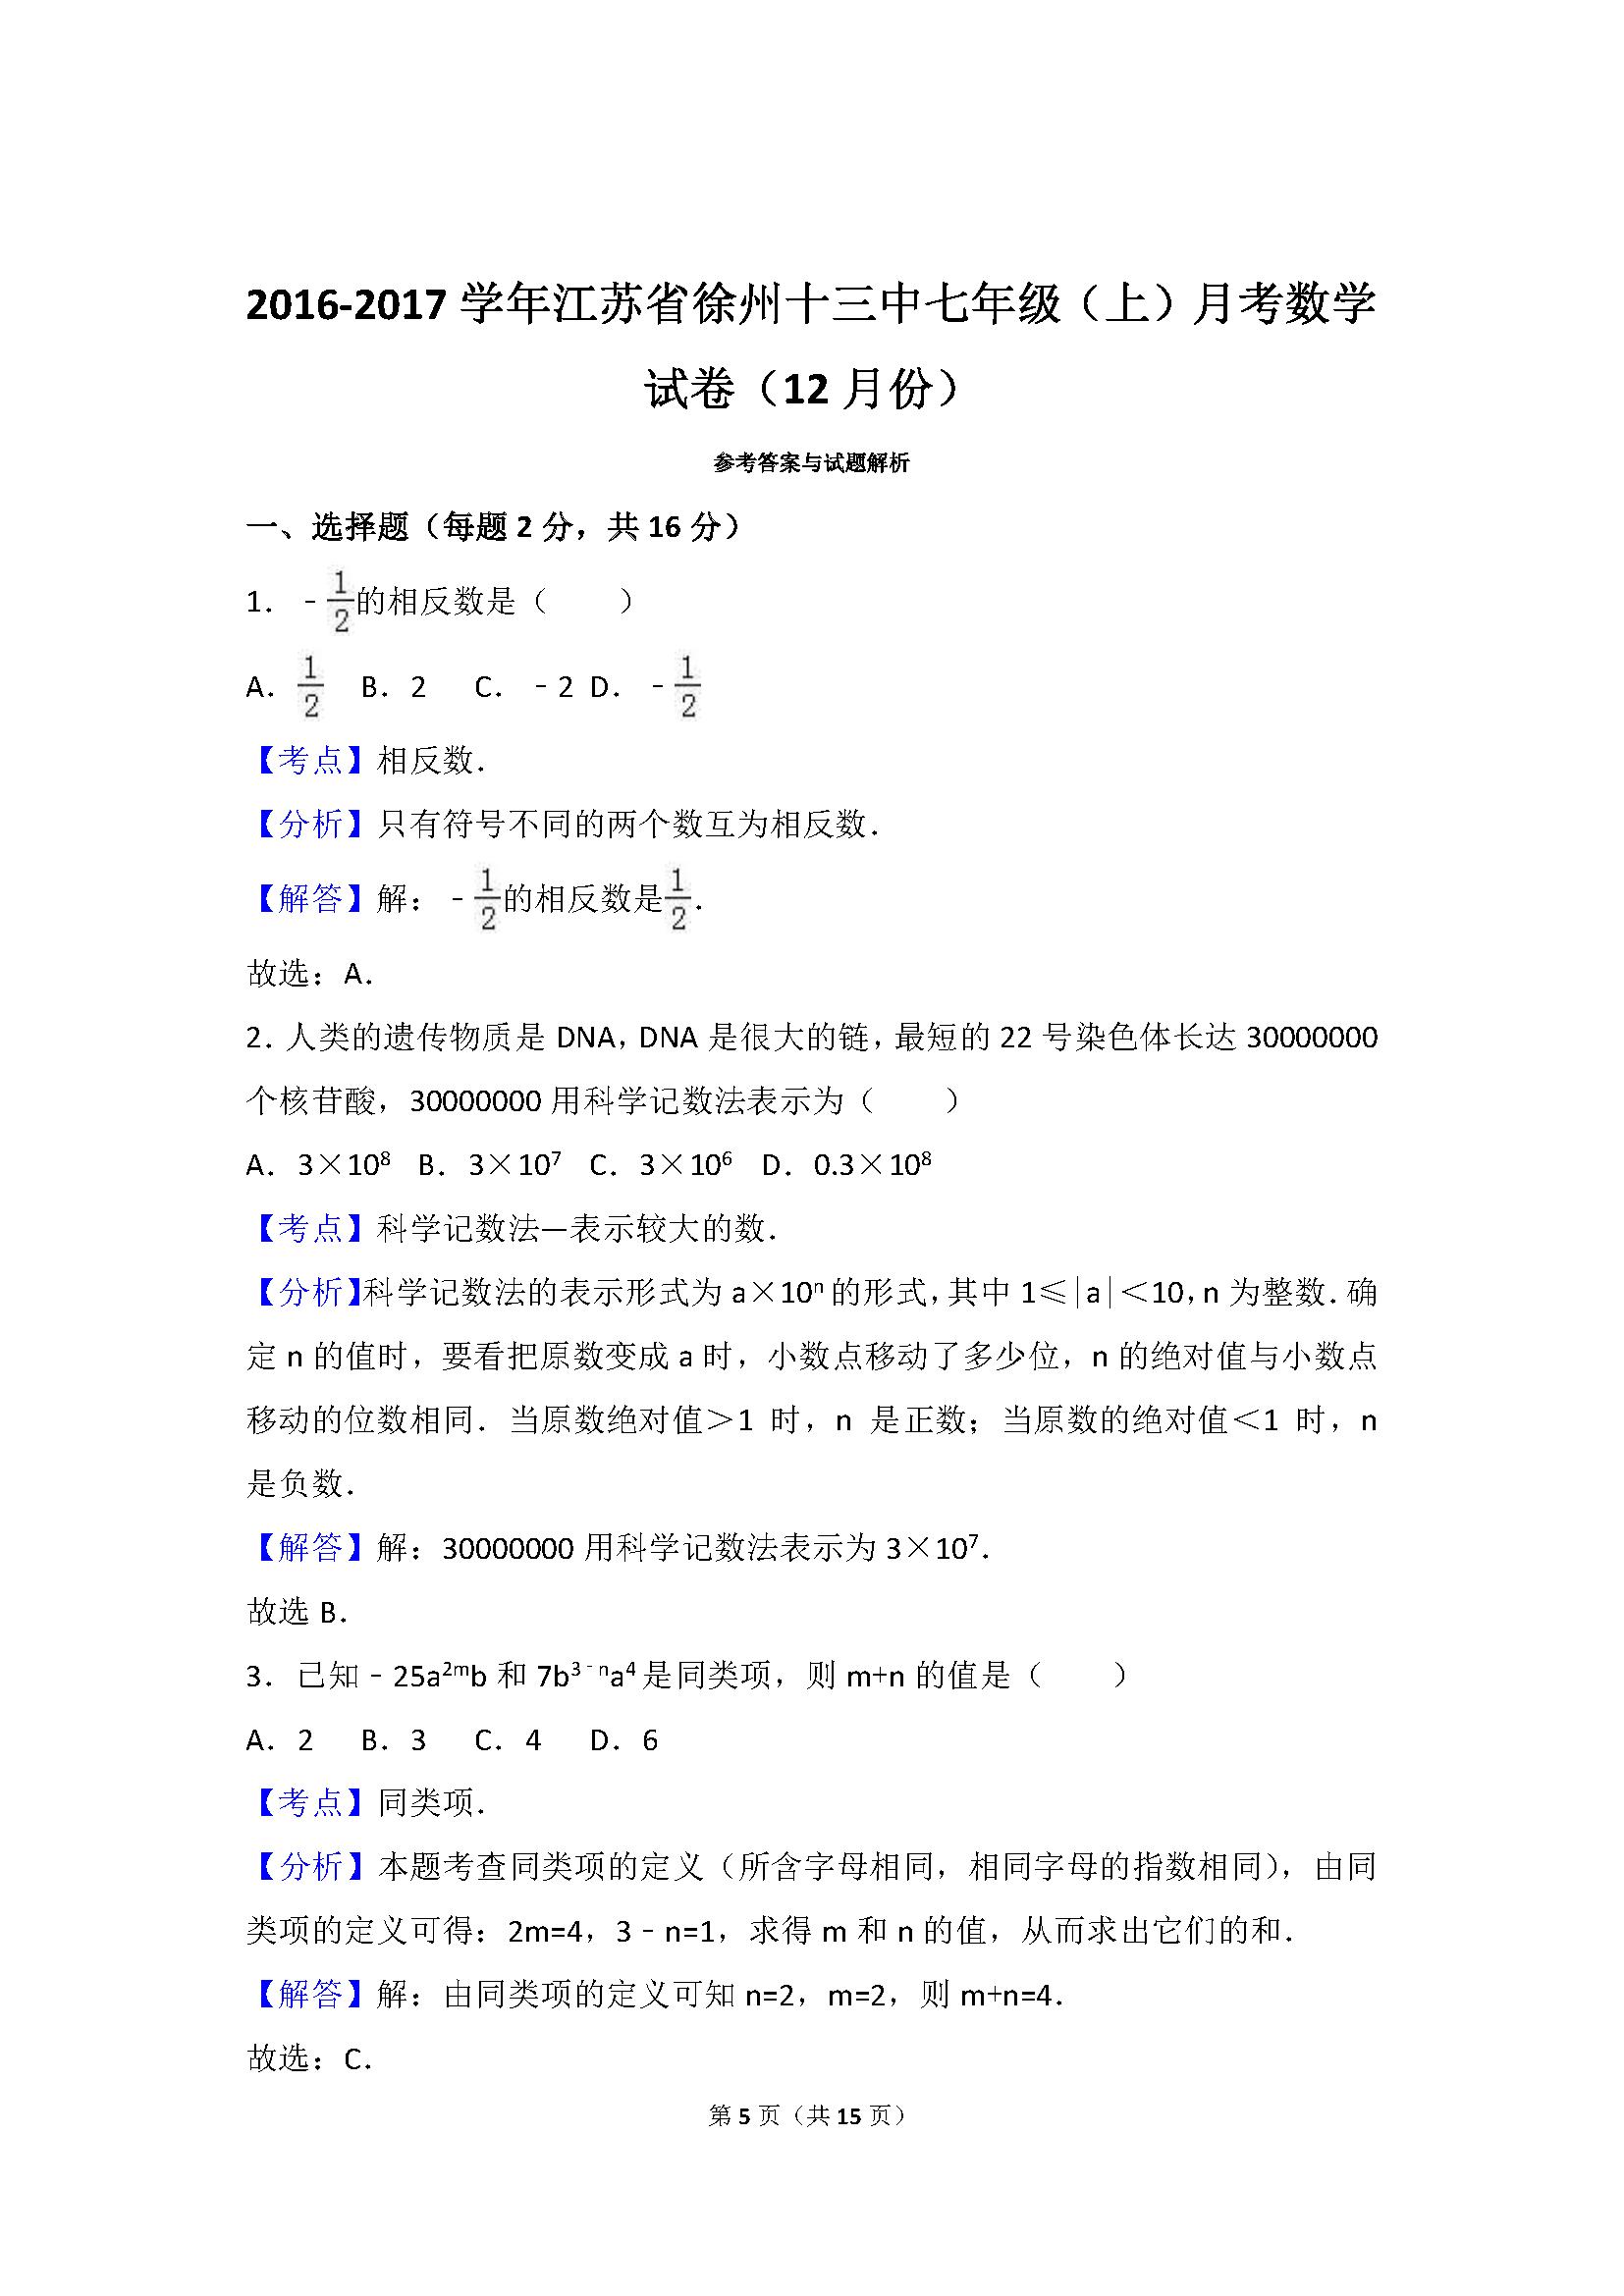 2017江苏徐州七年级上12月份月考数学试卷答案(图片版)